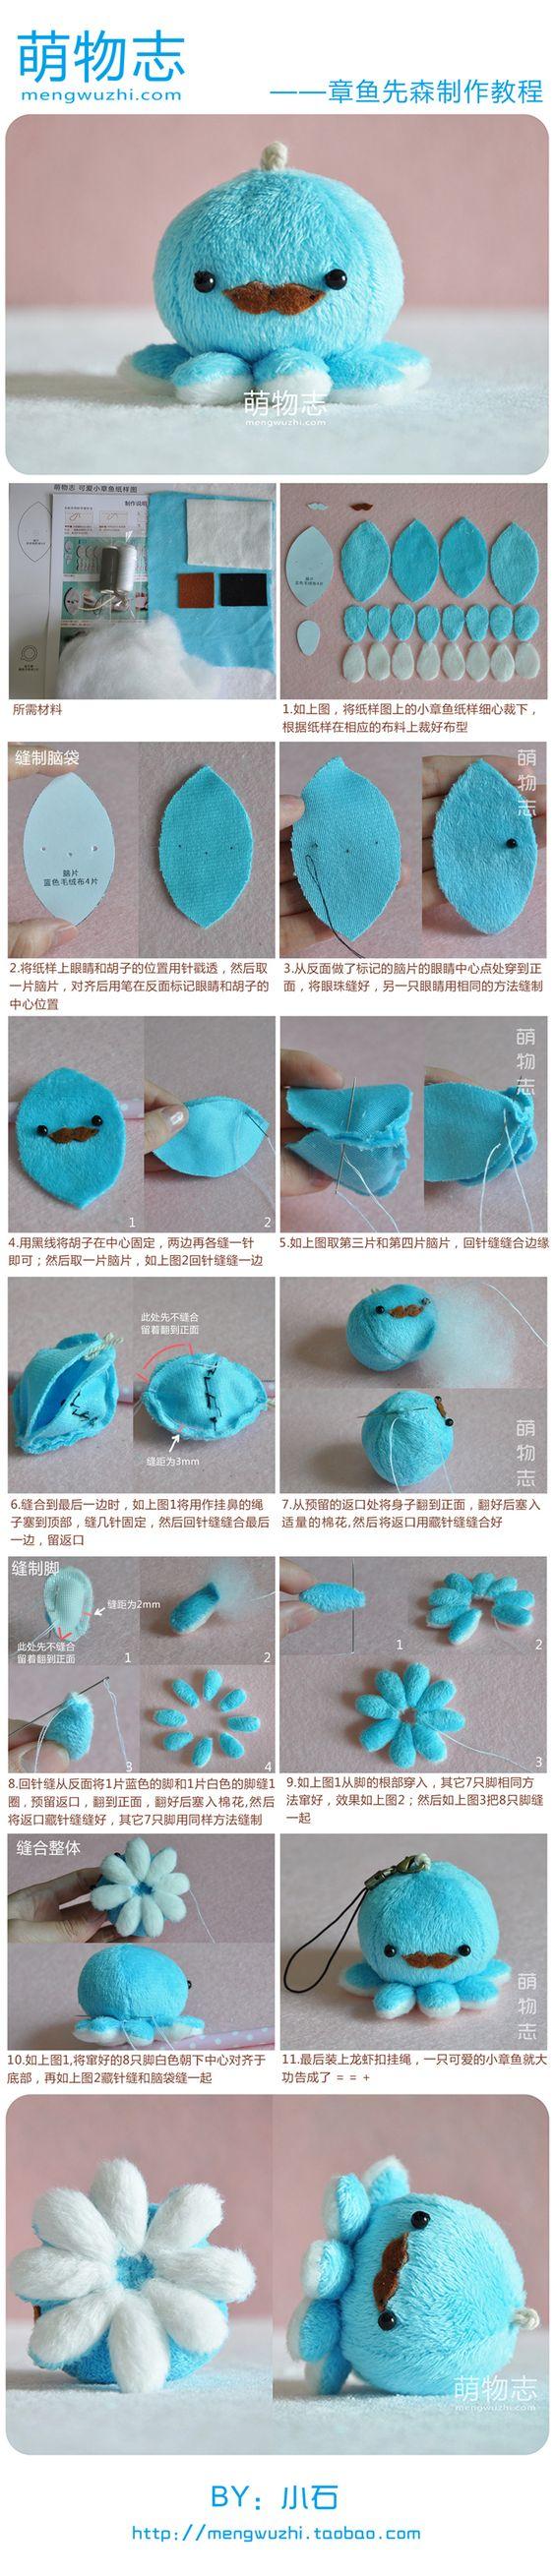 自己动手做个小章鱼吧 http://item.taobao.com/item.htm?spm=a1z10.1.4.11&id=19578892984 这家有这个章鱼便宜的DIY材料包哦 = = +